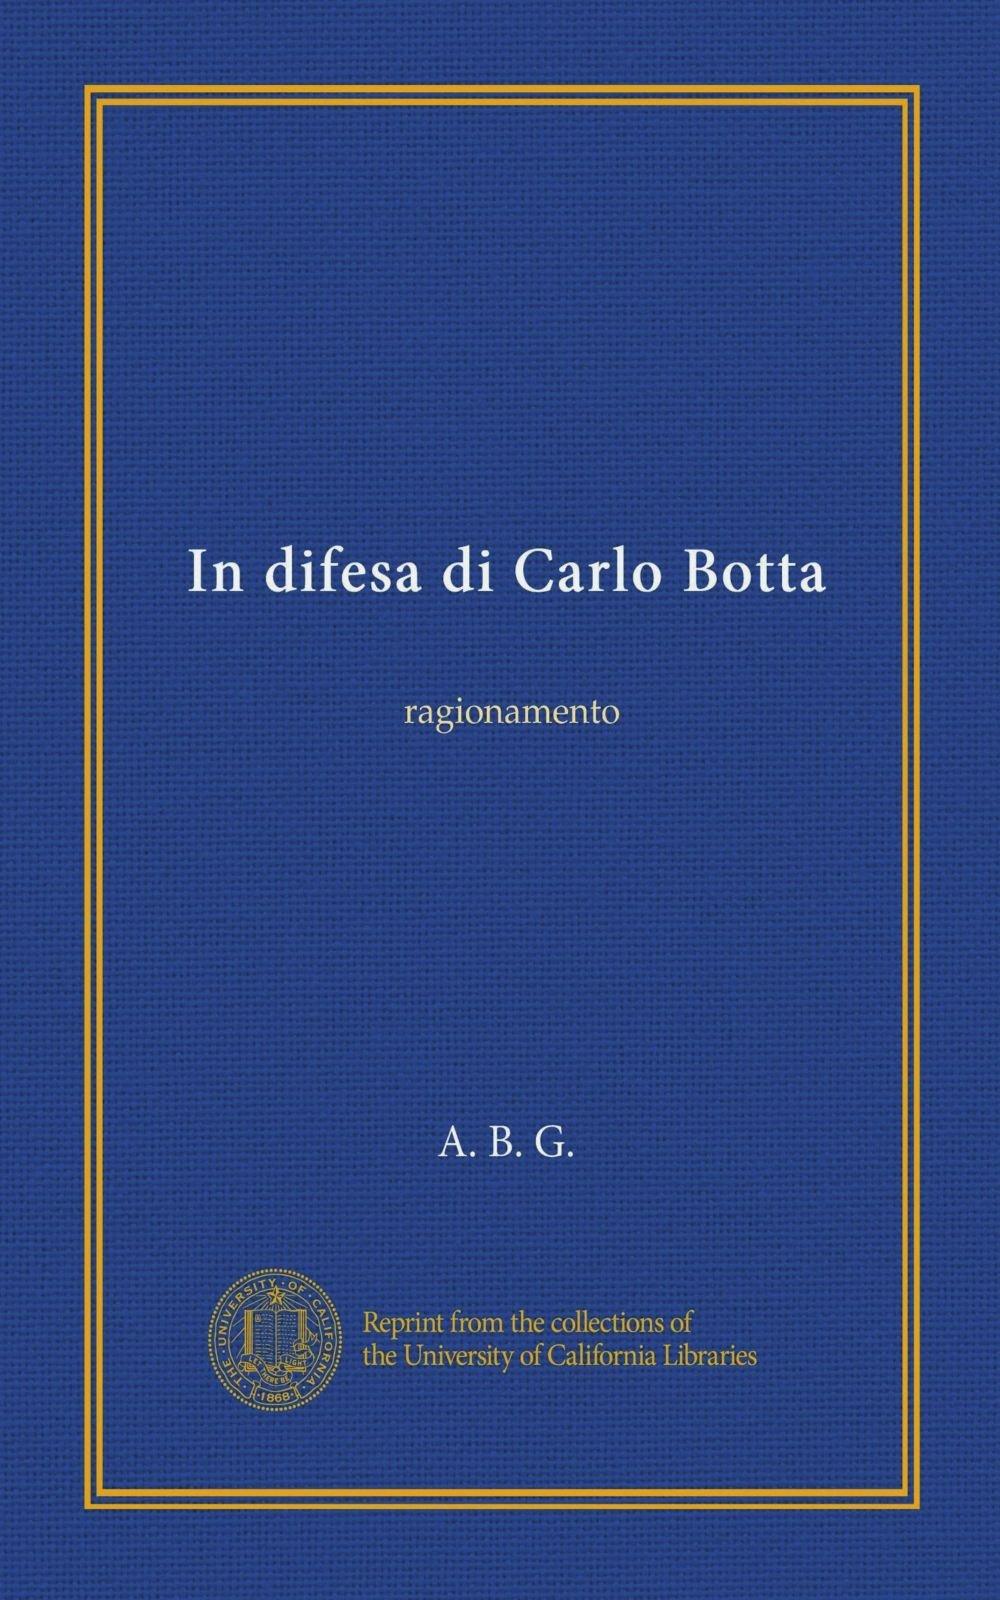 Download In difesa di Carlo Botta (Vol-1): ragionamento (Italian Edition) PDF